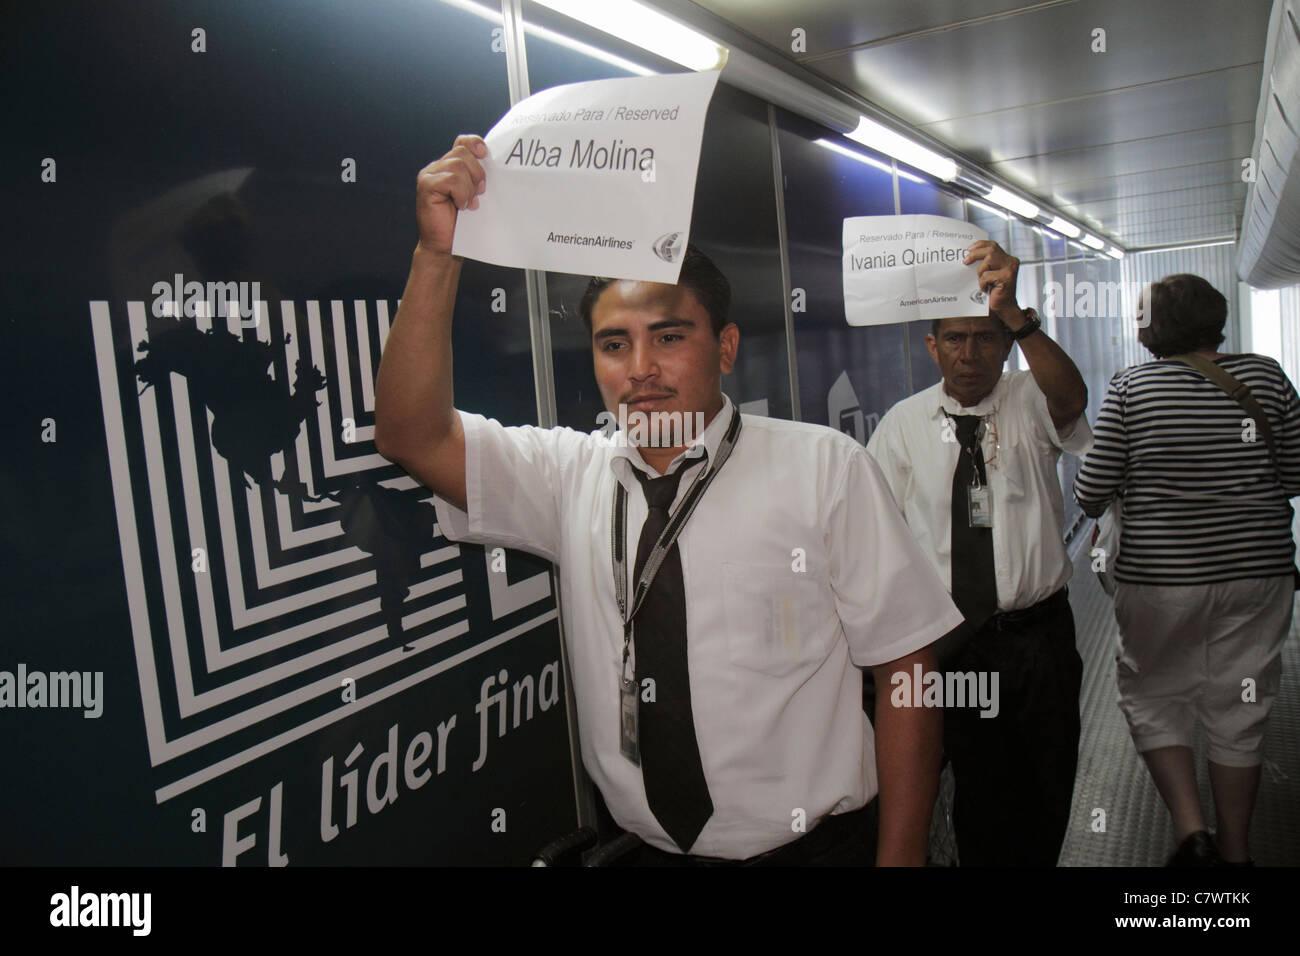 Managua Nicaragua Aeroporto Internazionale Augusto C. Sandino MGA aviation arrivo American Airlines cortesia escort Immagini Stock